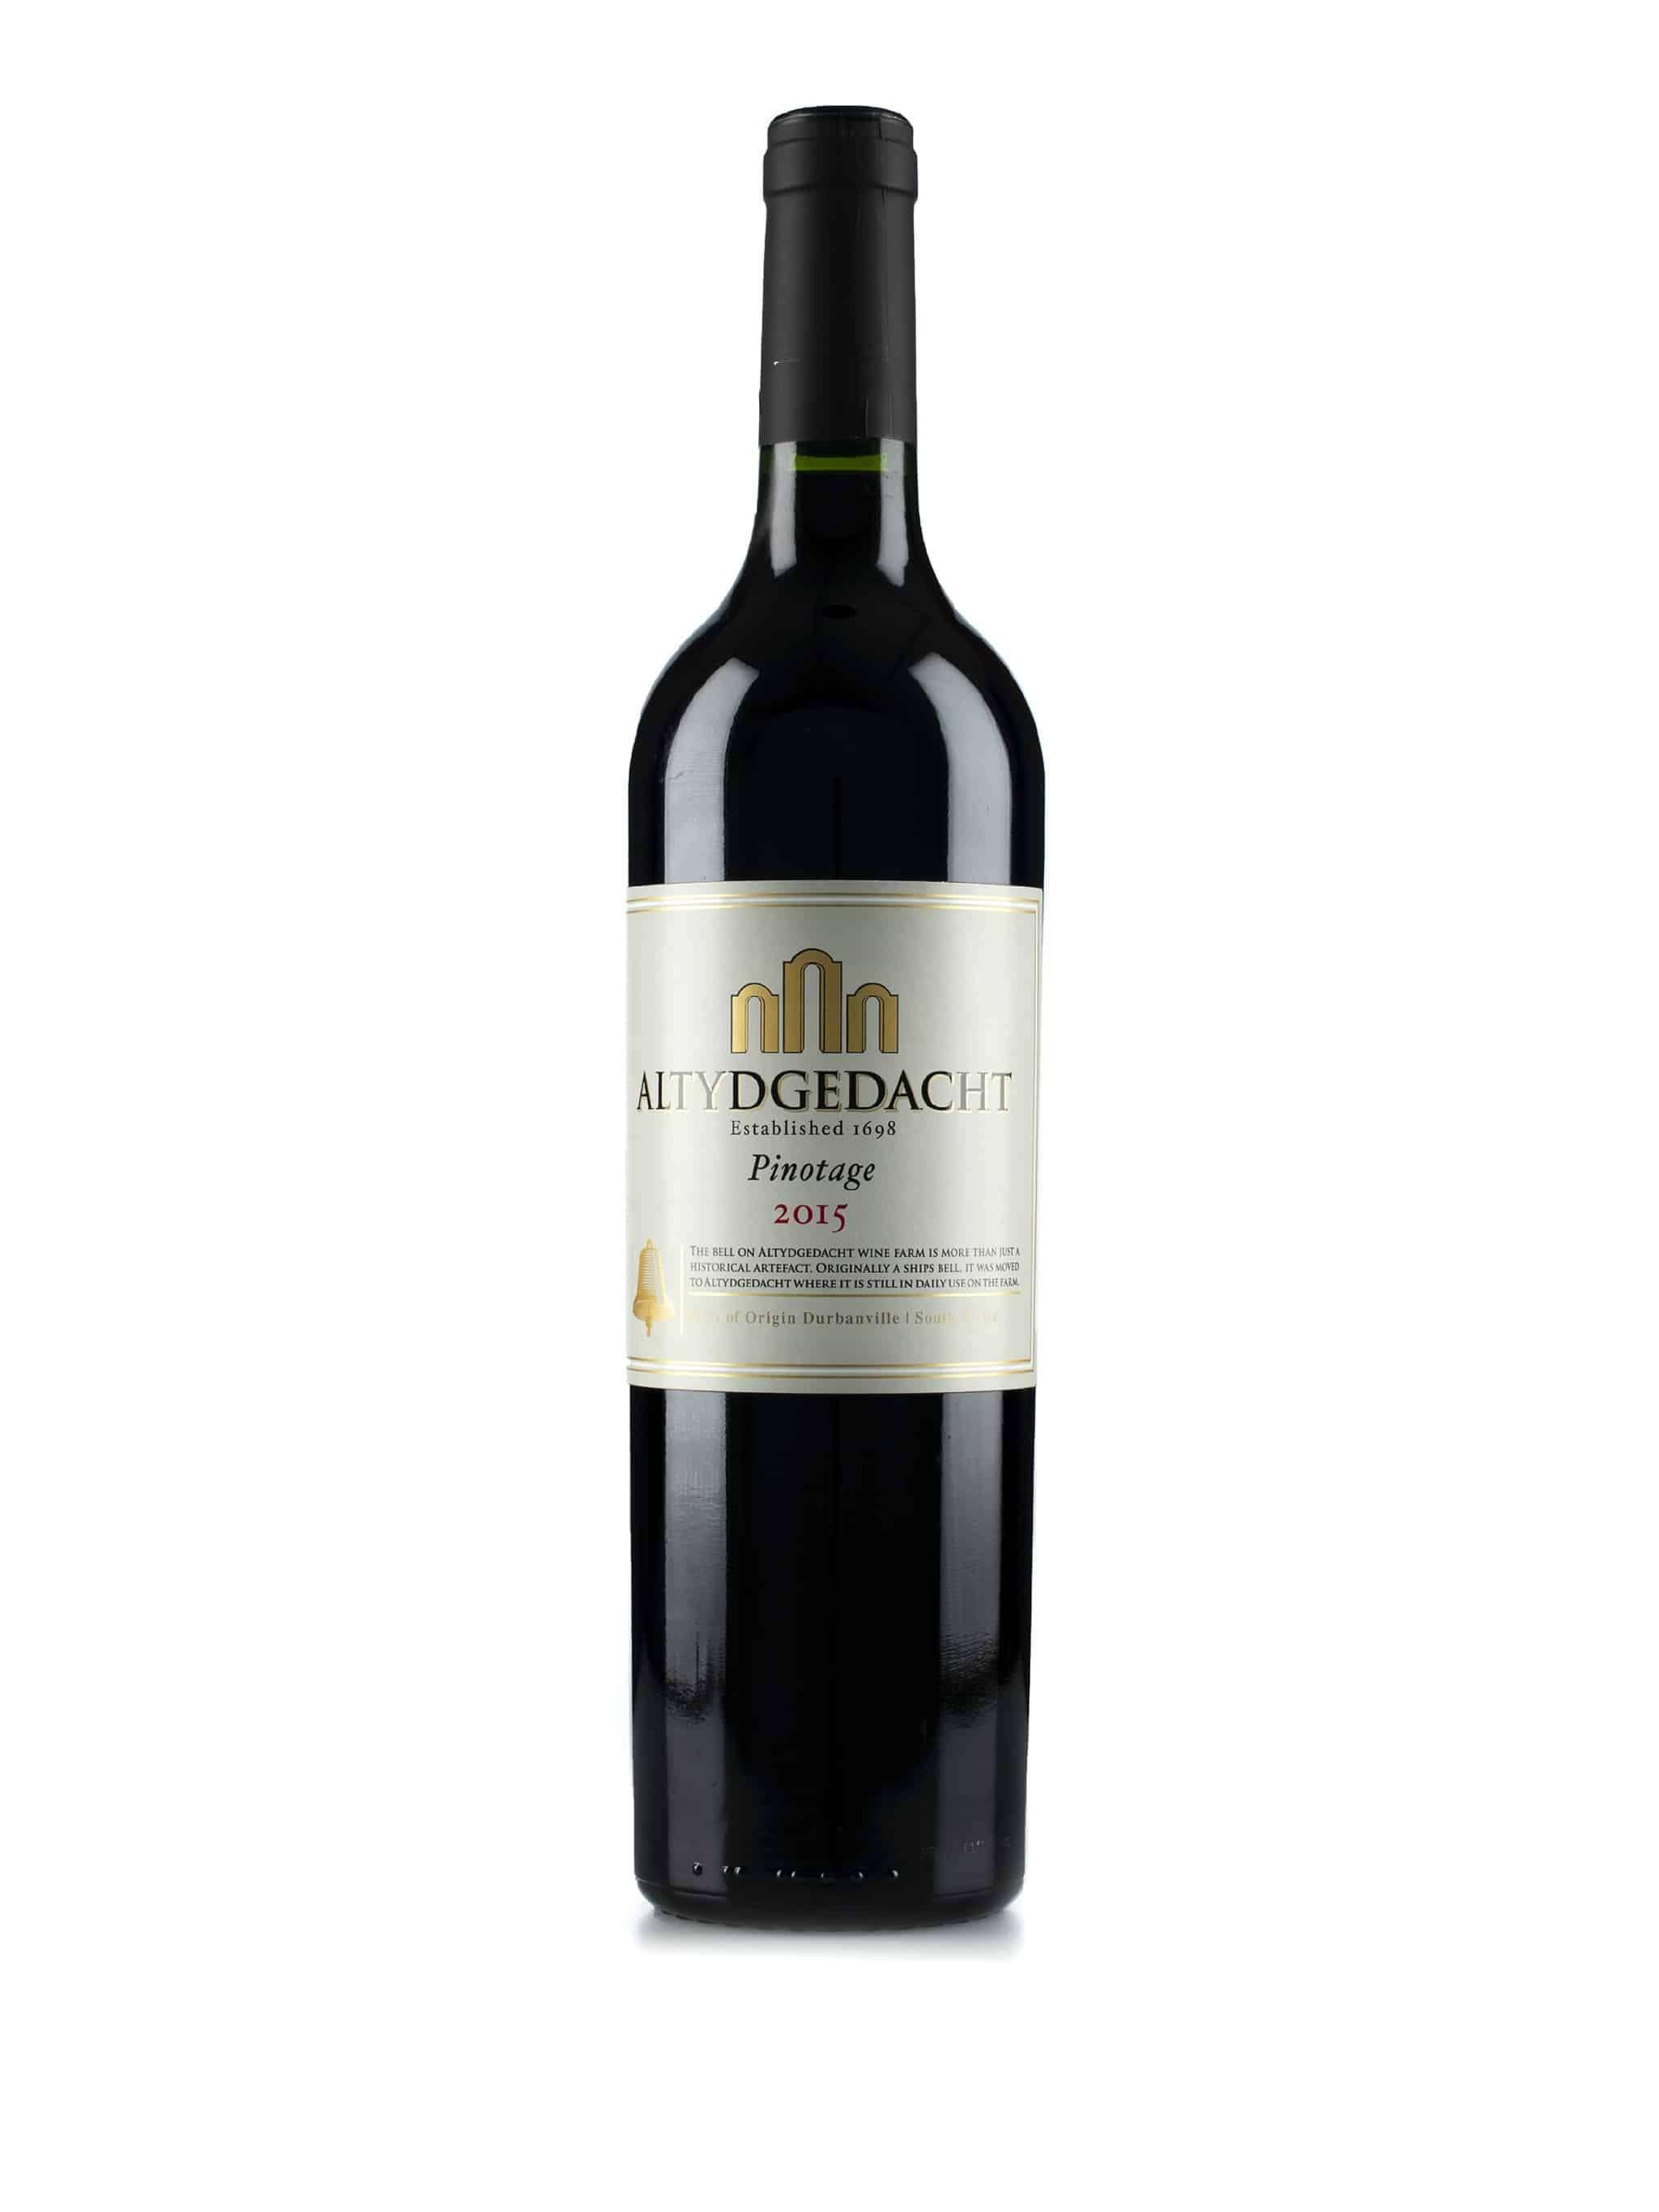 Zuid-Afrikaanse rode wijn van wijndomein Altydgedacht: Pinotage